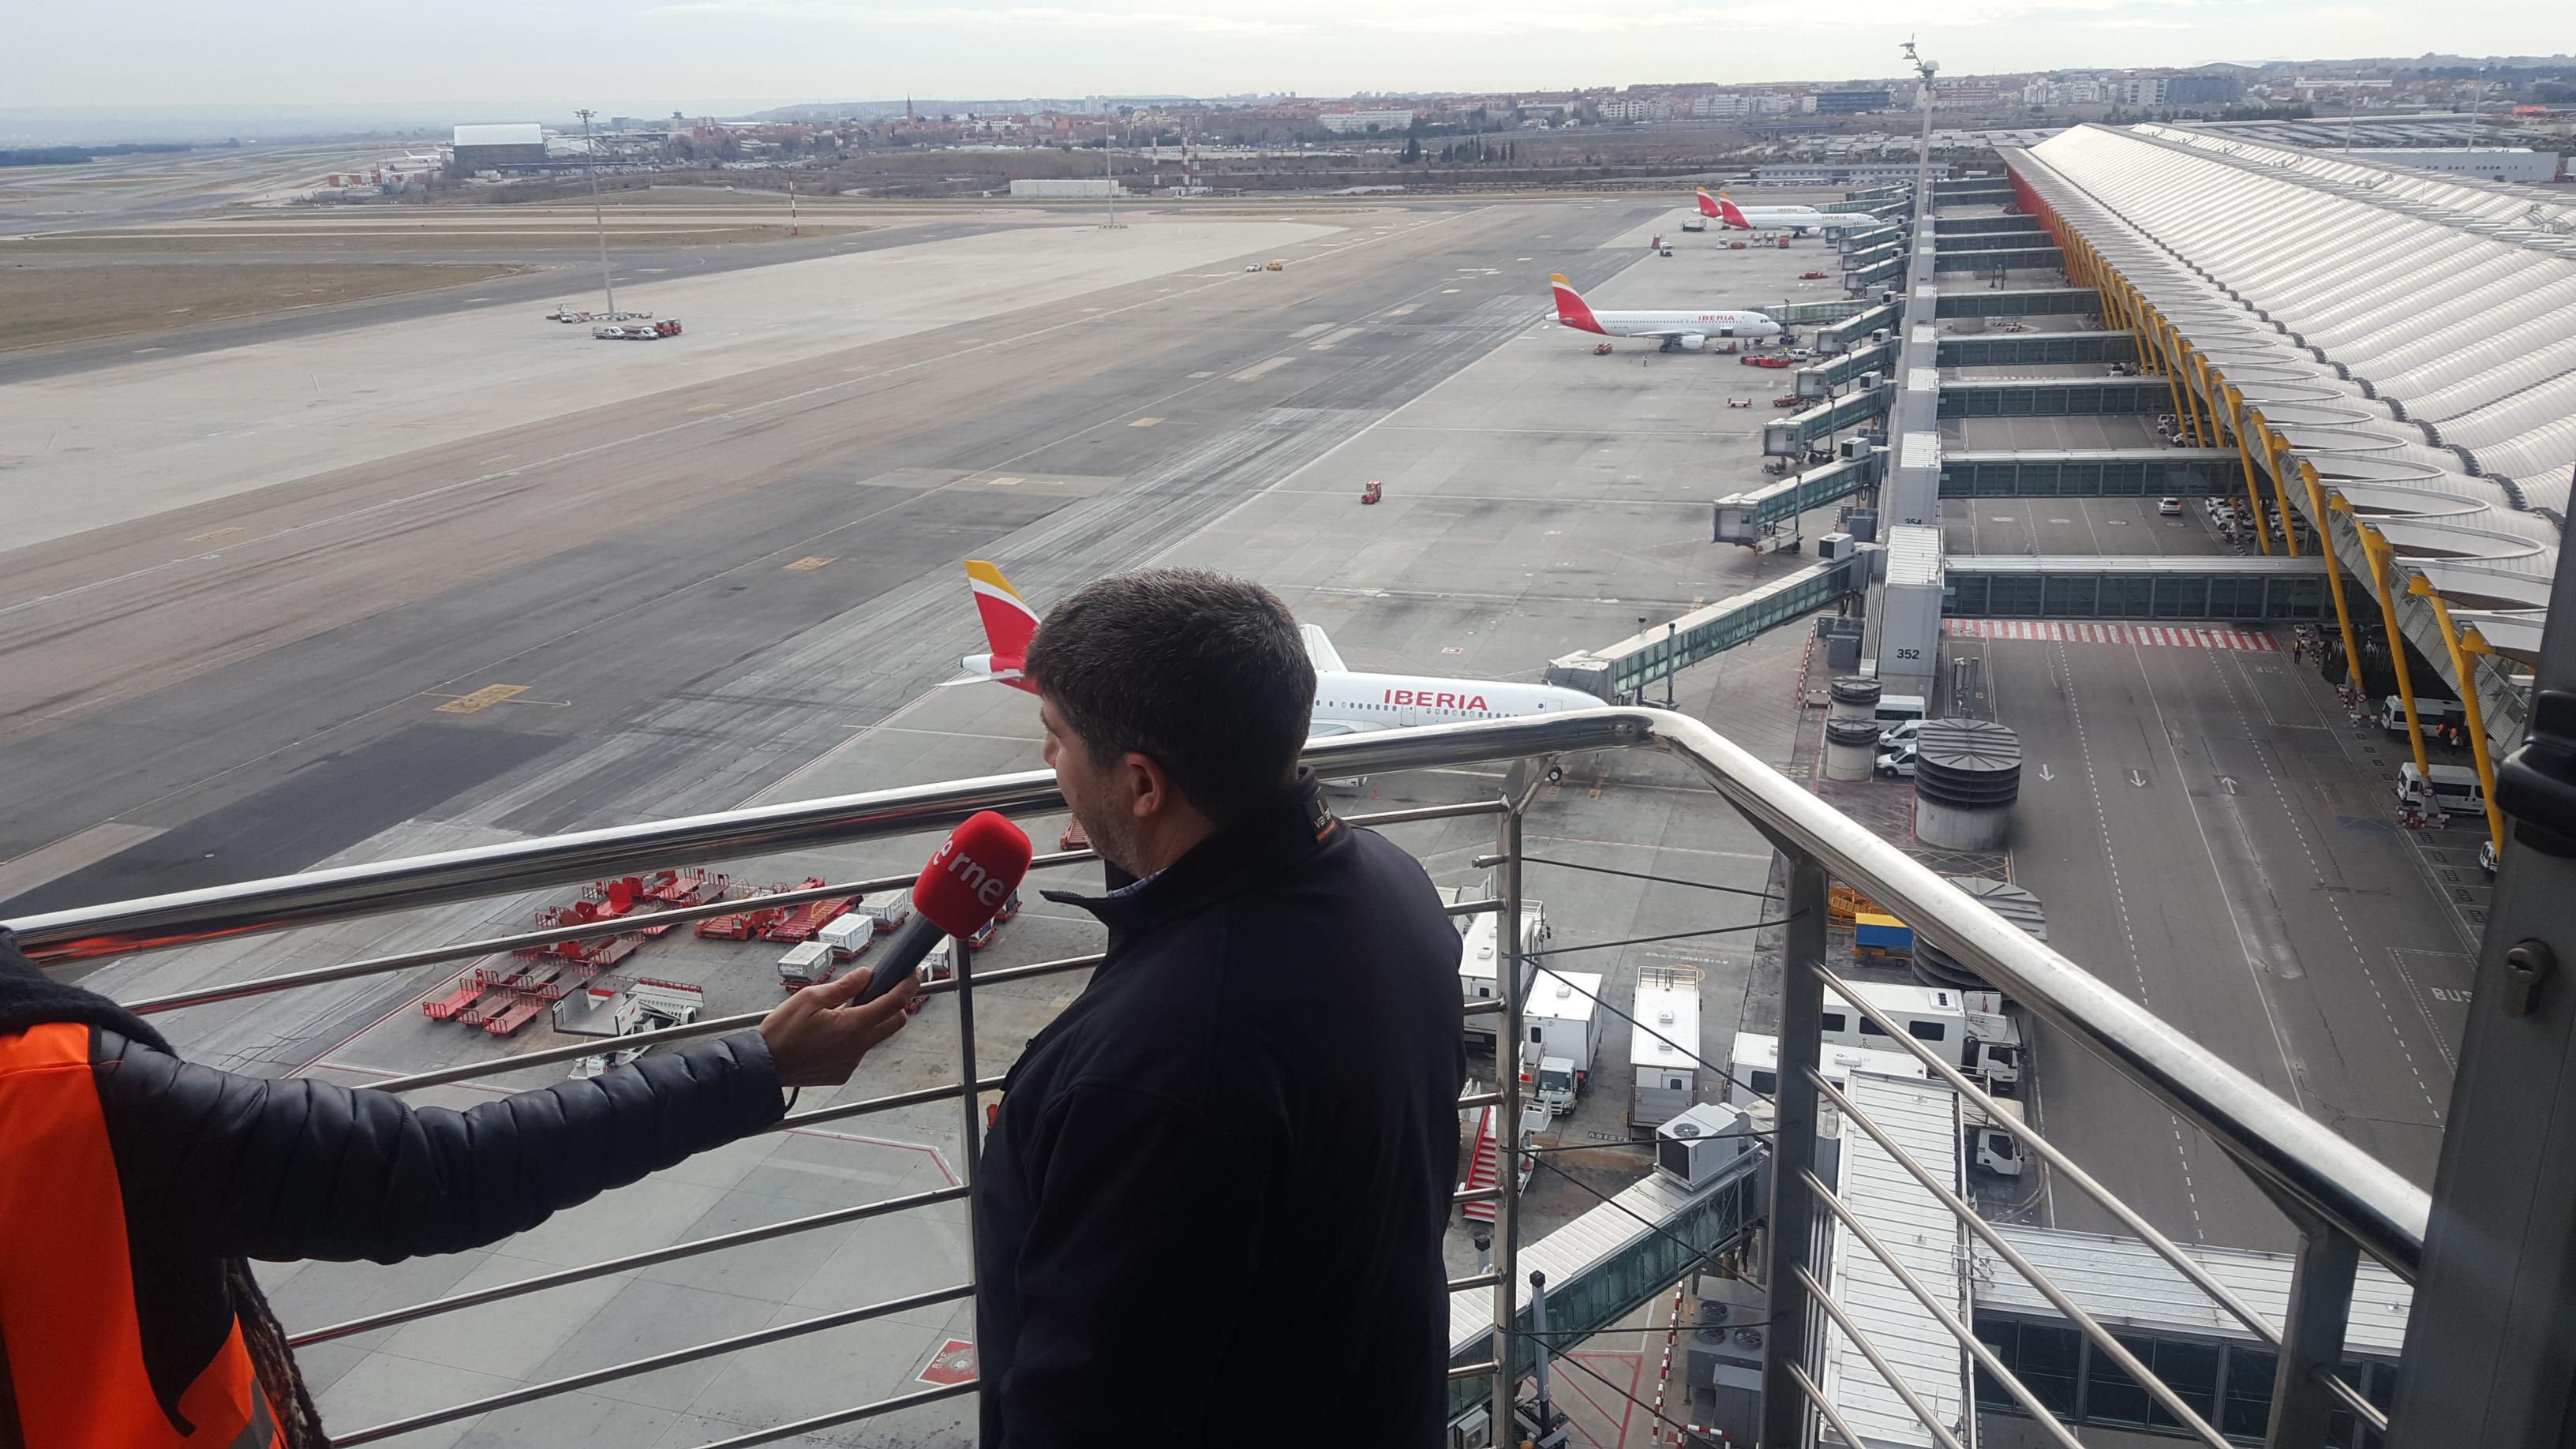 83df9e20da1 Un recorrido por la T4 del Aeropuerto Adolfo Suárez Madrid-Barajas - RTVE.es